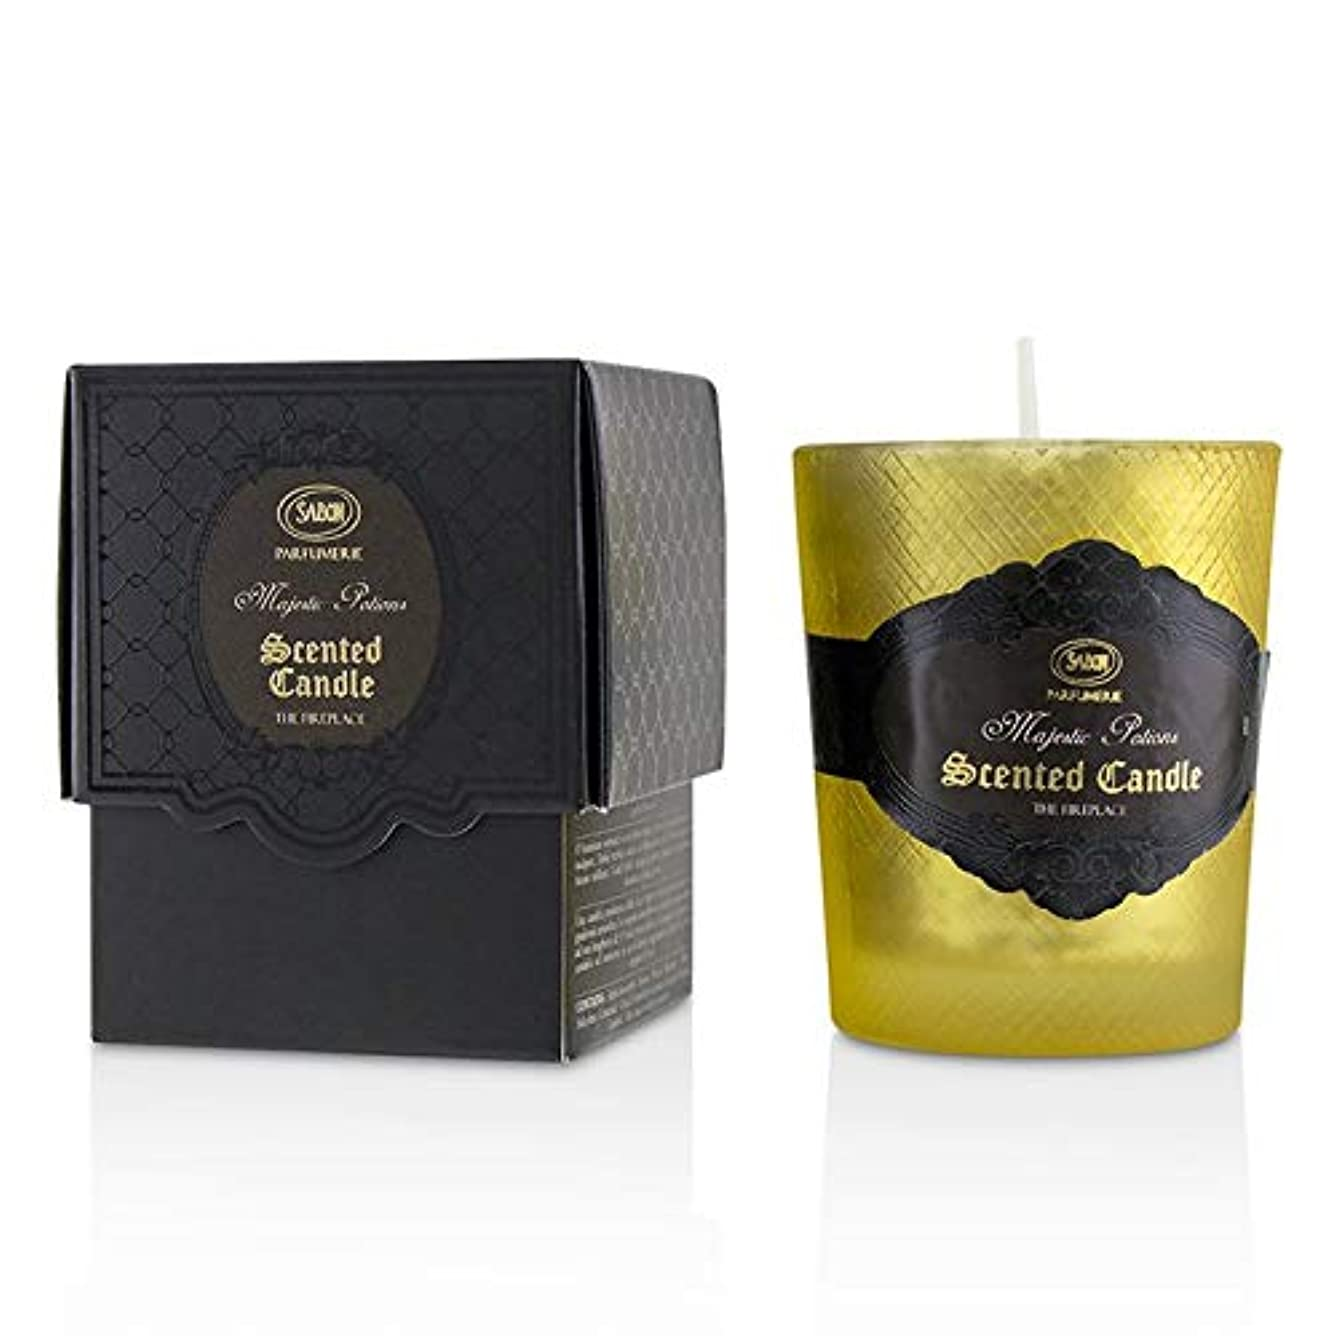 落胆した独裁者矩形サボン Luxury Glass Candle - Fireplace -並行輸入品